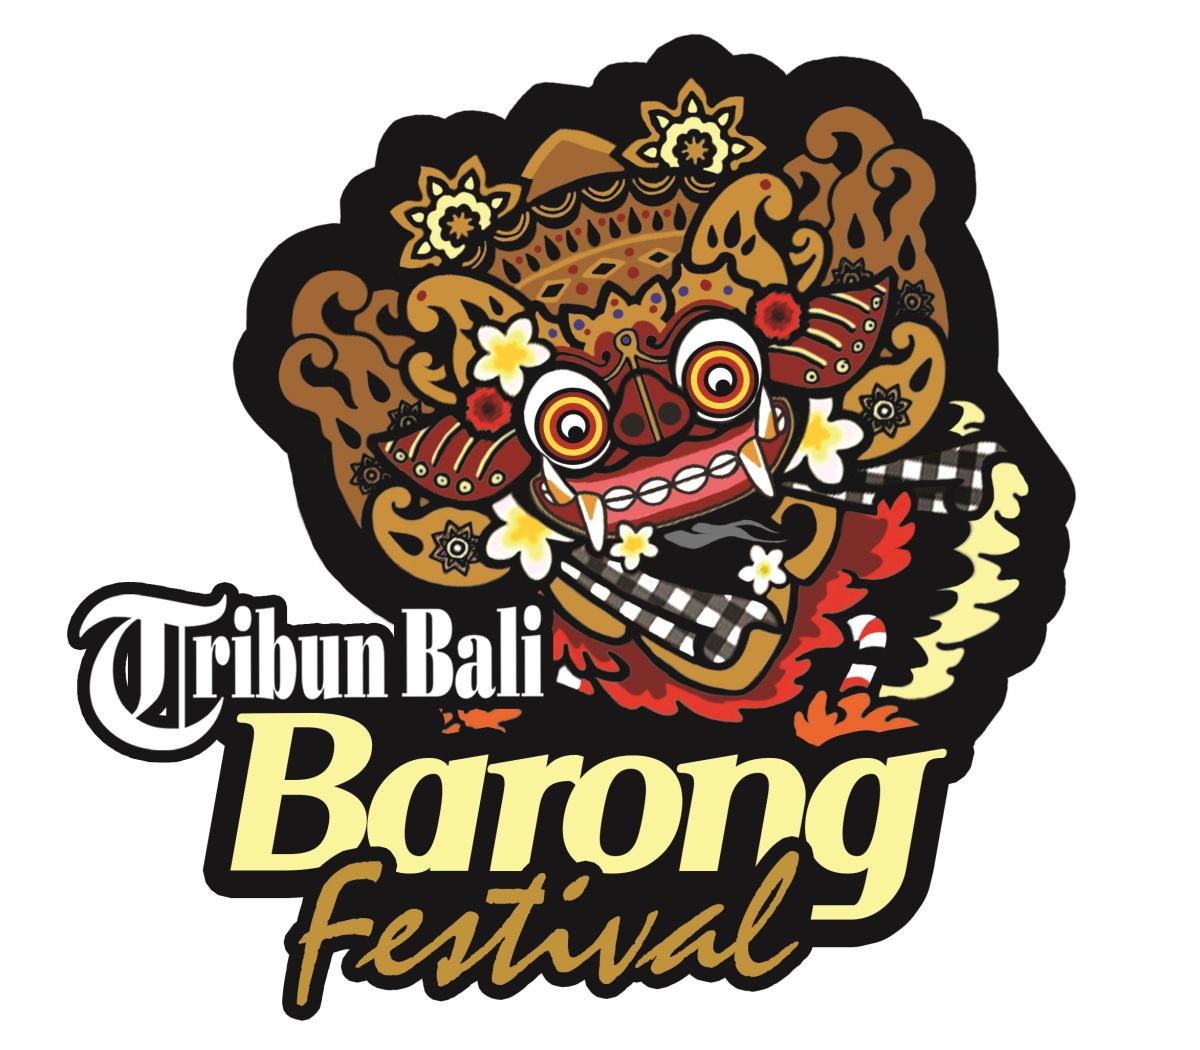 Festival Budaya BAPANG BARONG LAN MEKENDANG TUNGGAL